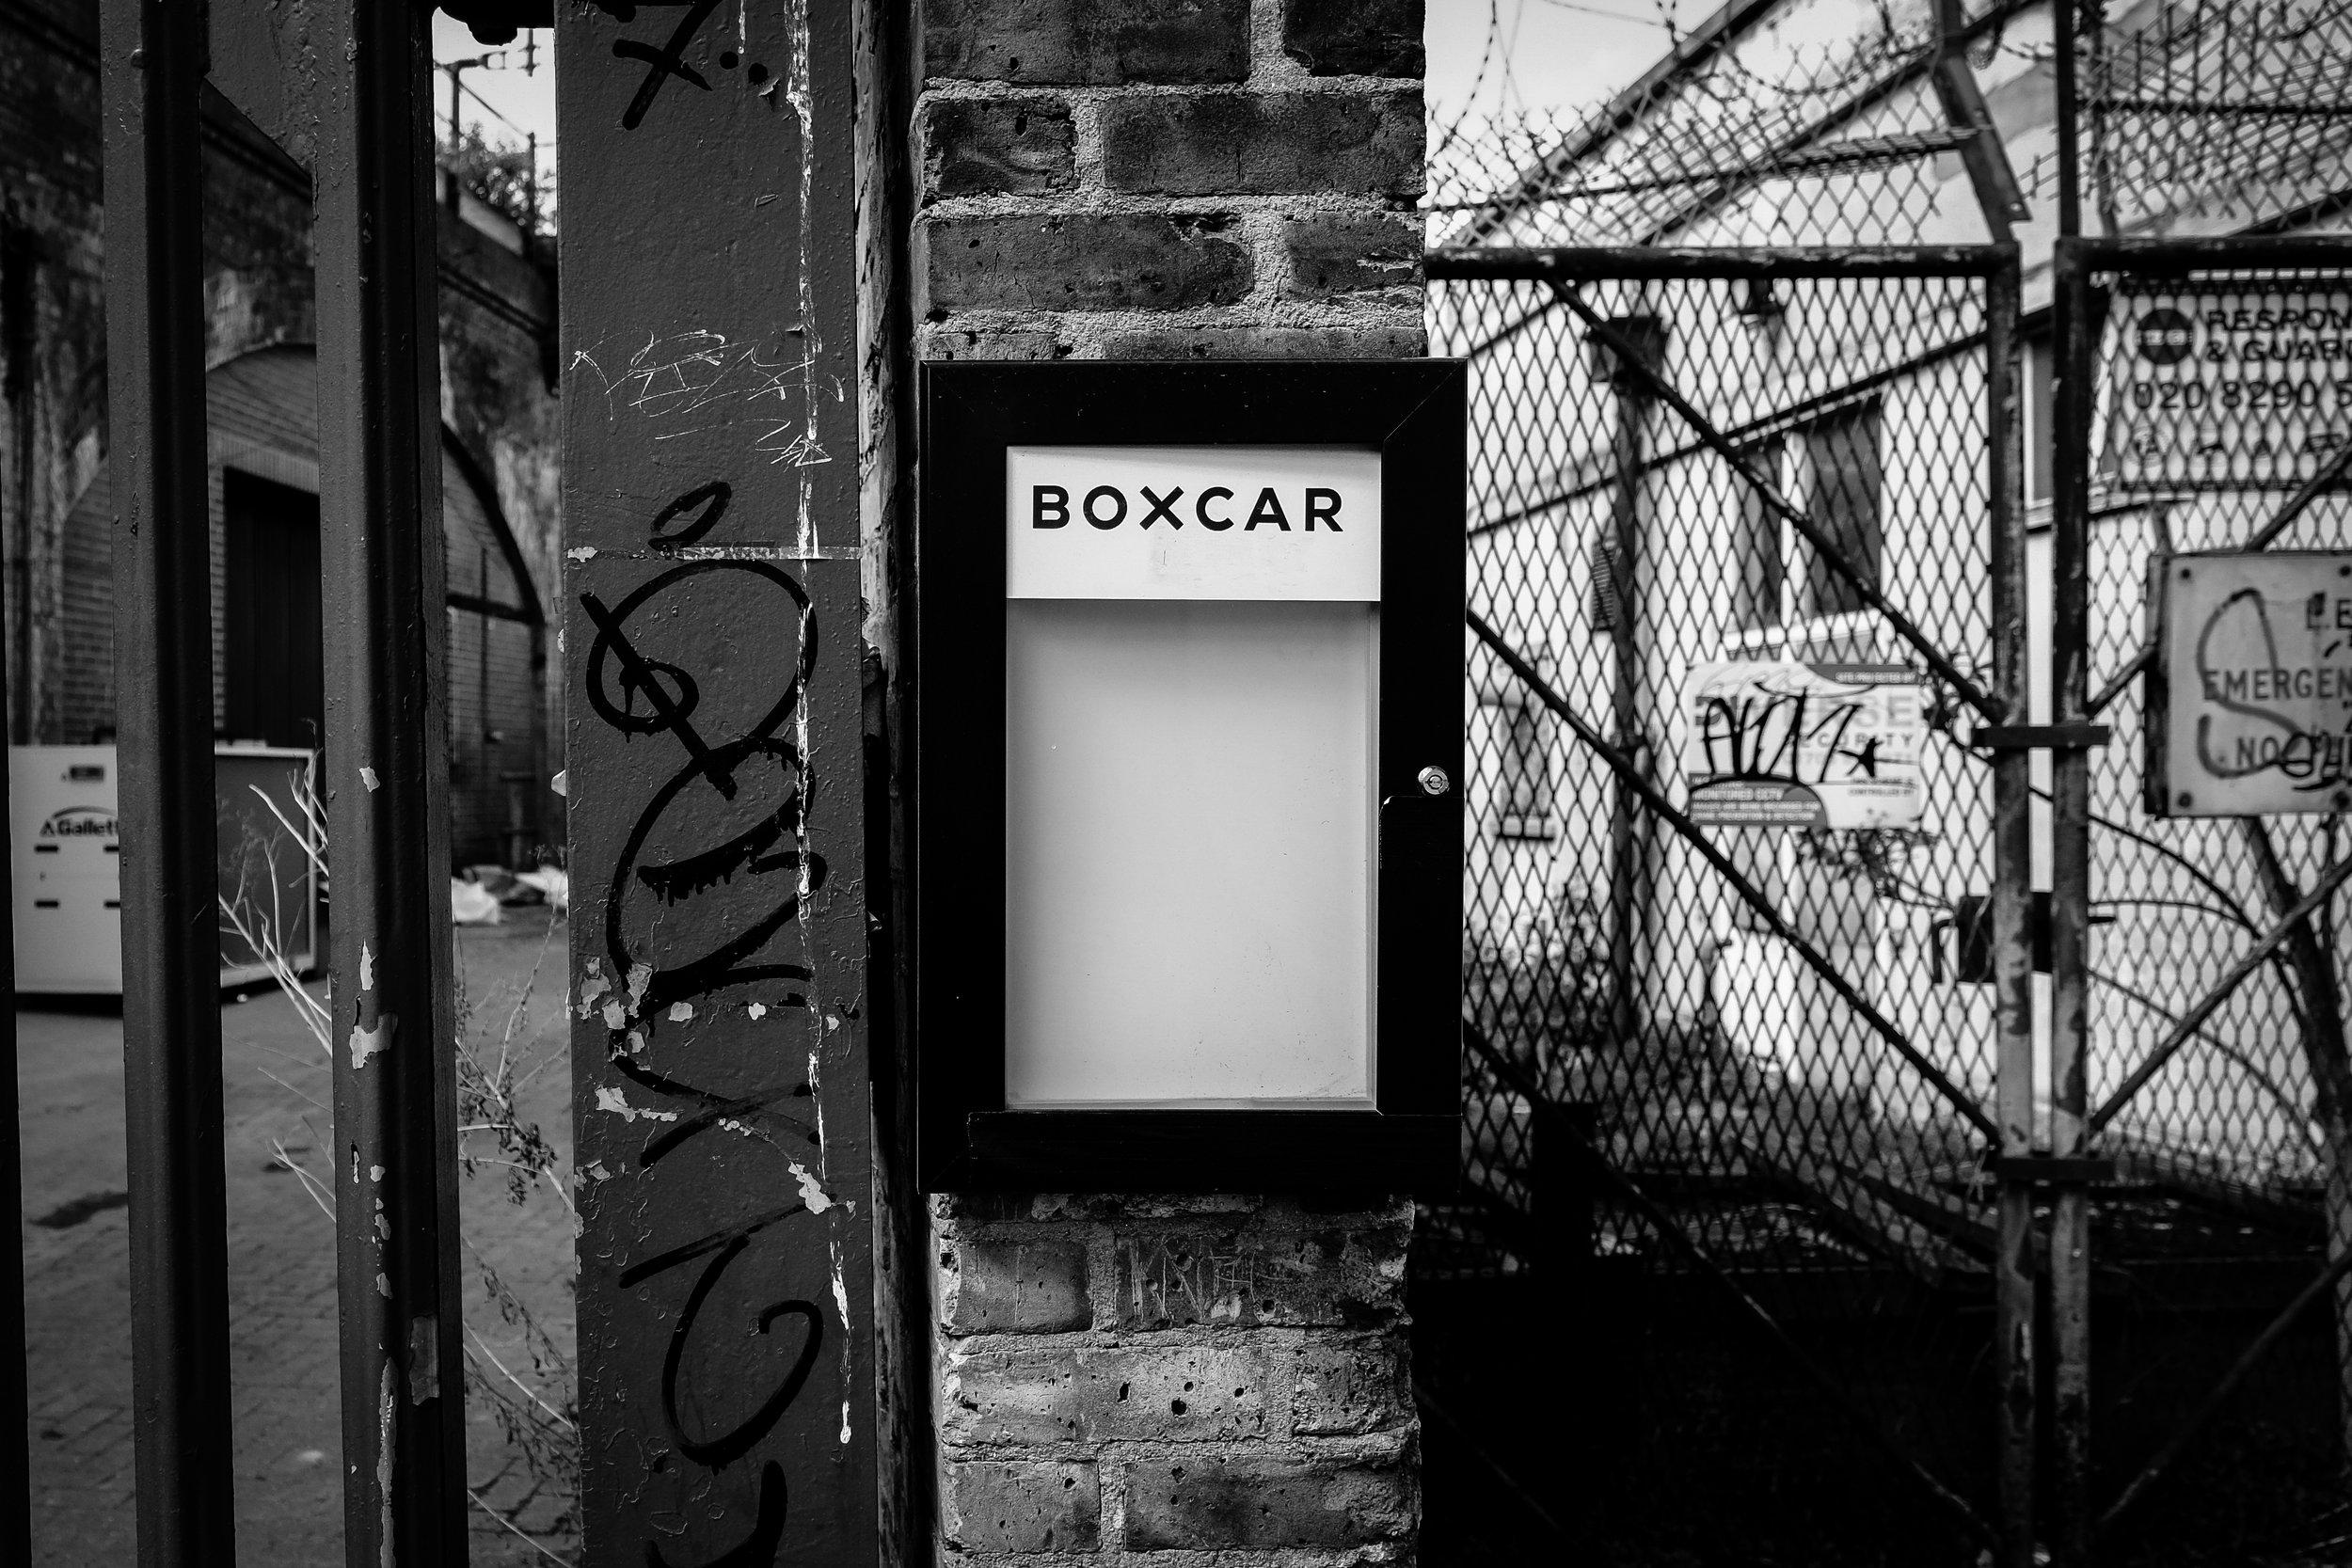 Boxcar-21.jpg